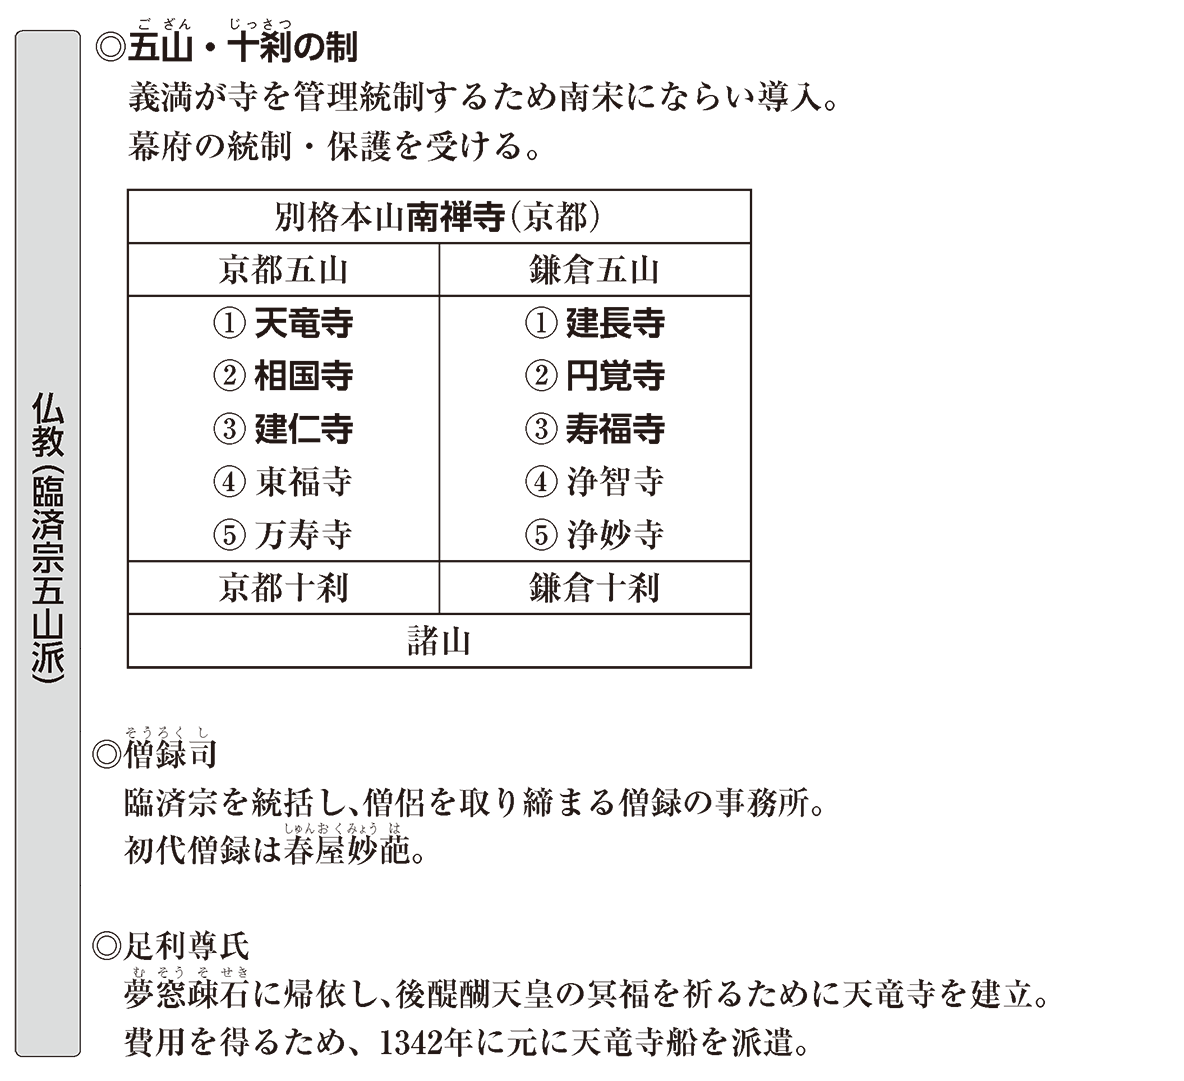 中世の文化16 ポイント2 仏教(臨済宗五山派)